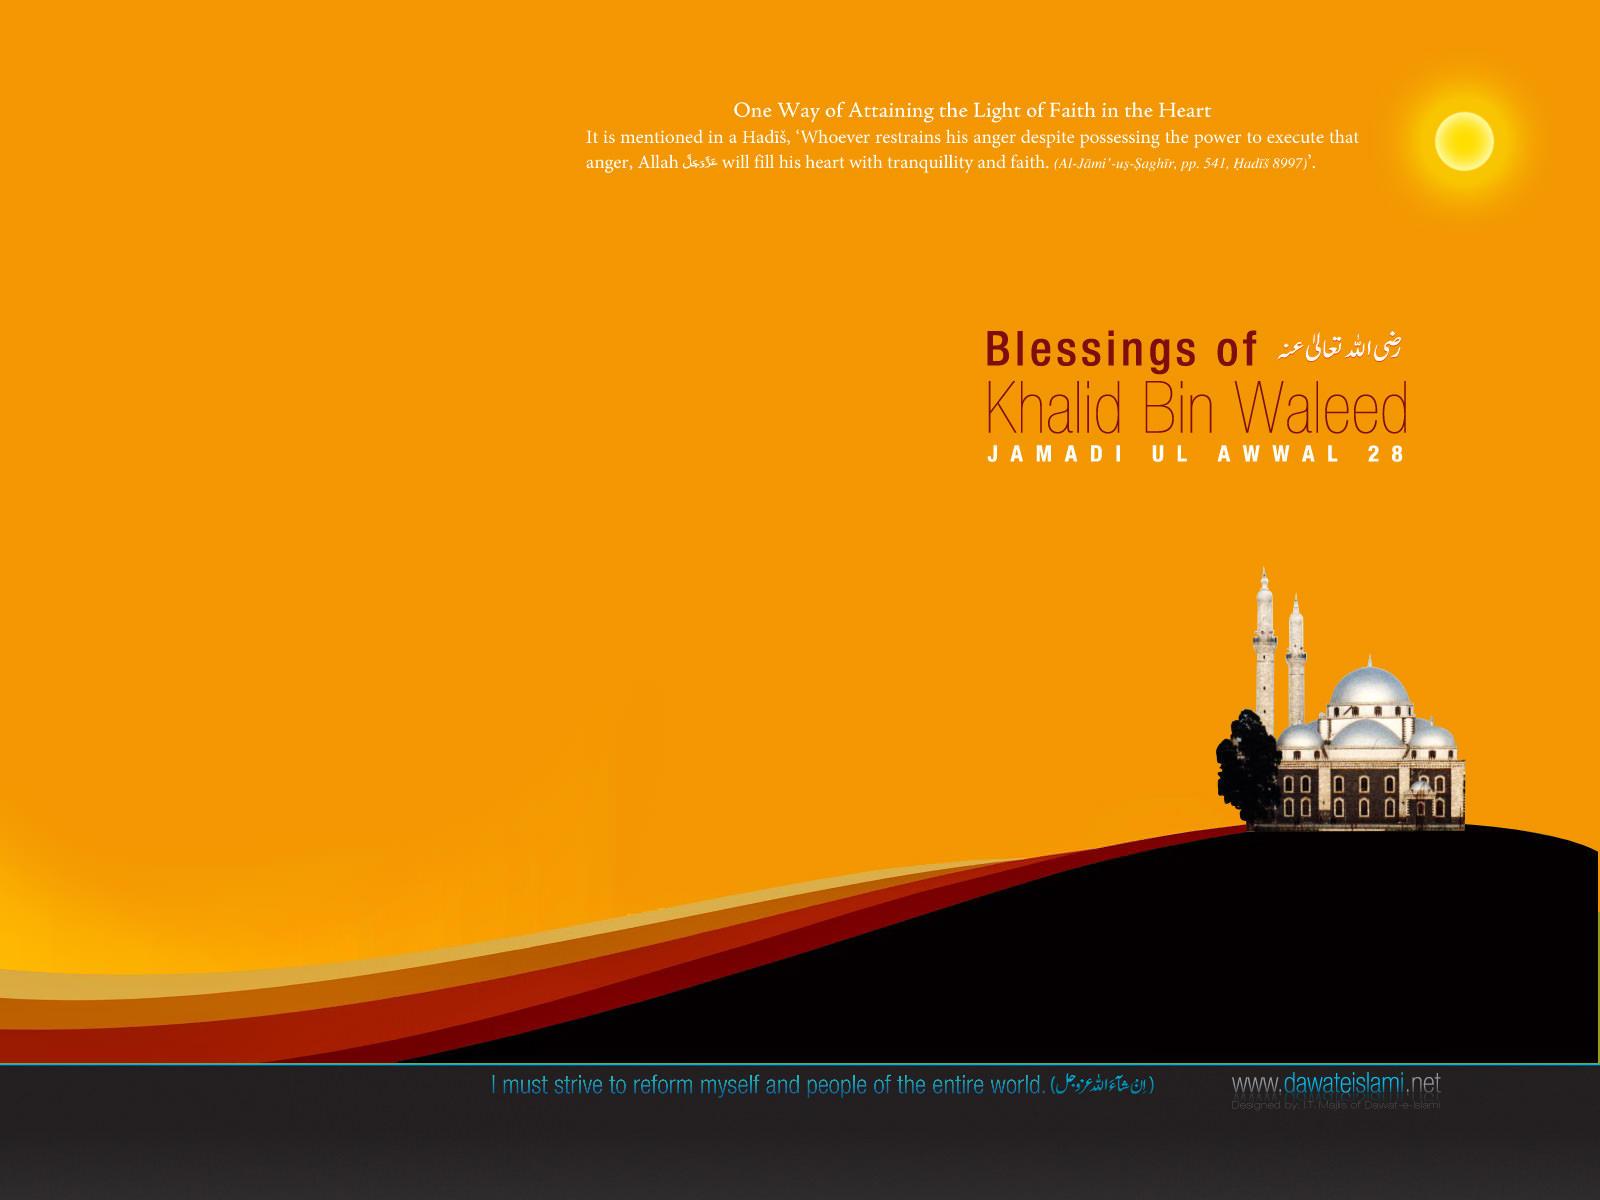 Wallpaper Blessings Of Khalid Bin Waleed